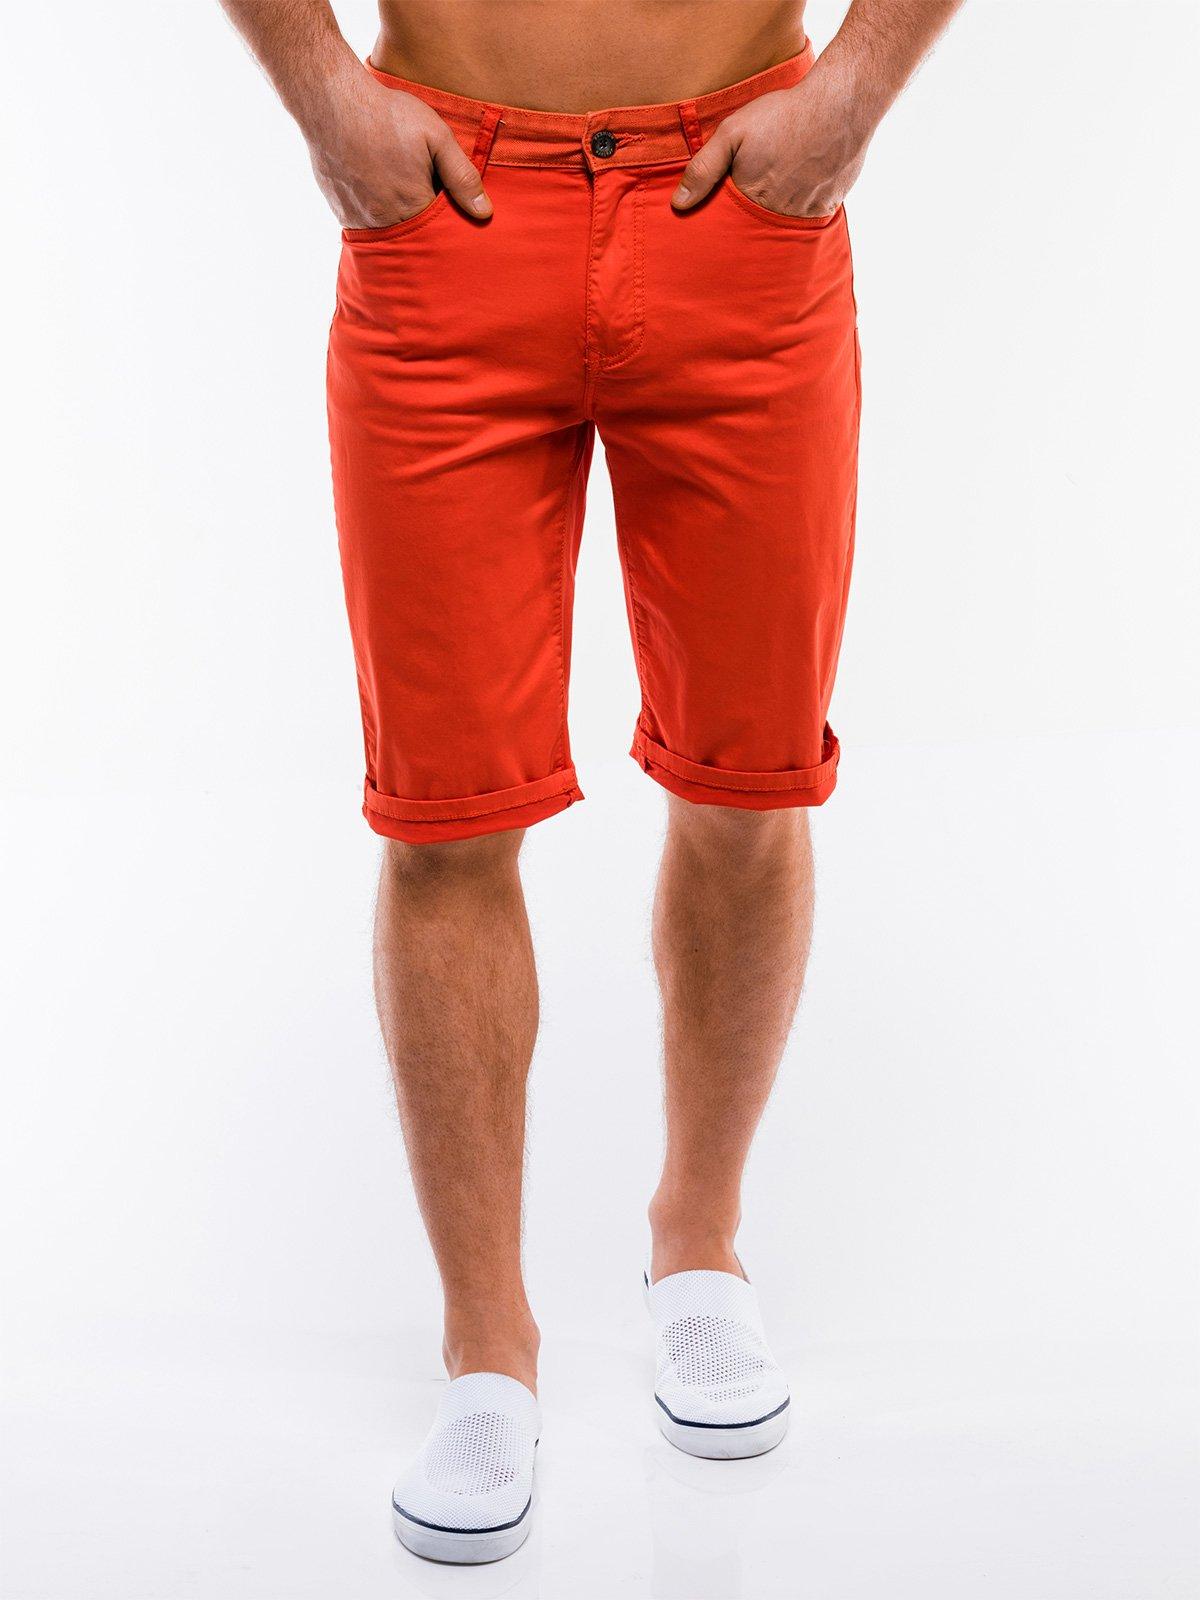 Шорти чоловічі chino W214 - помаранчеві, Ombre Clothing  - купить со скидкой